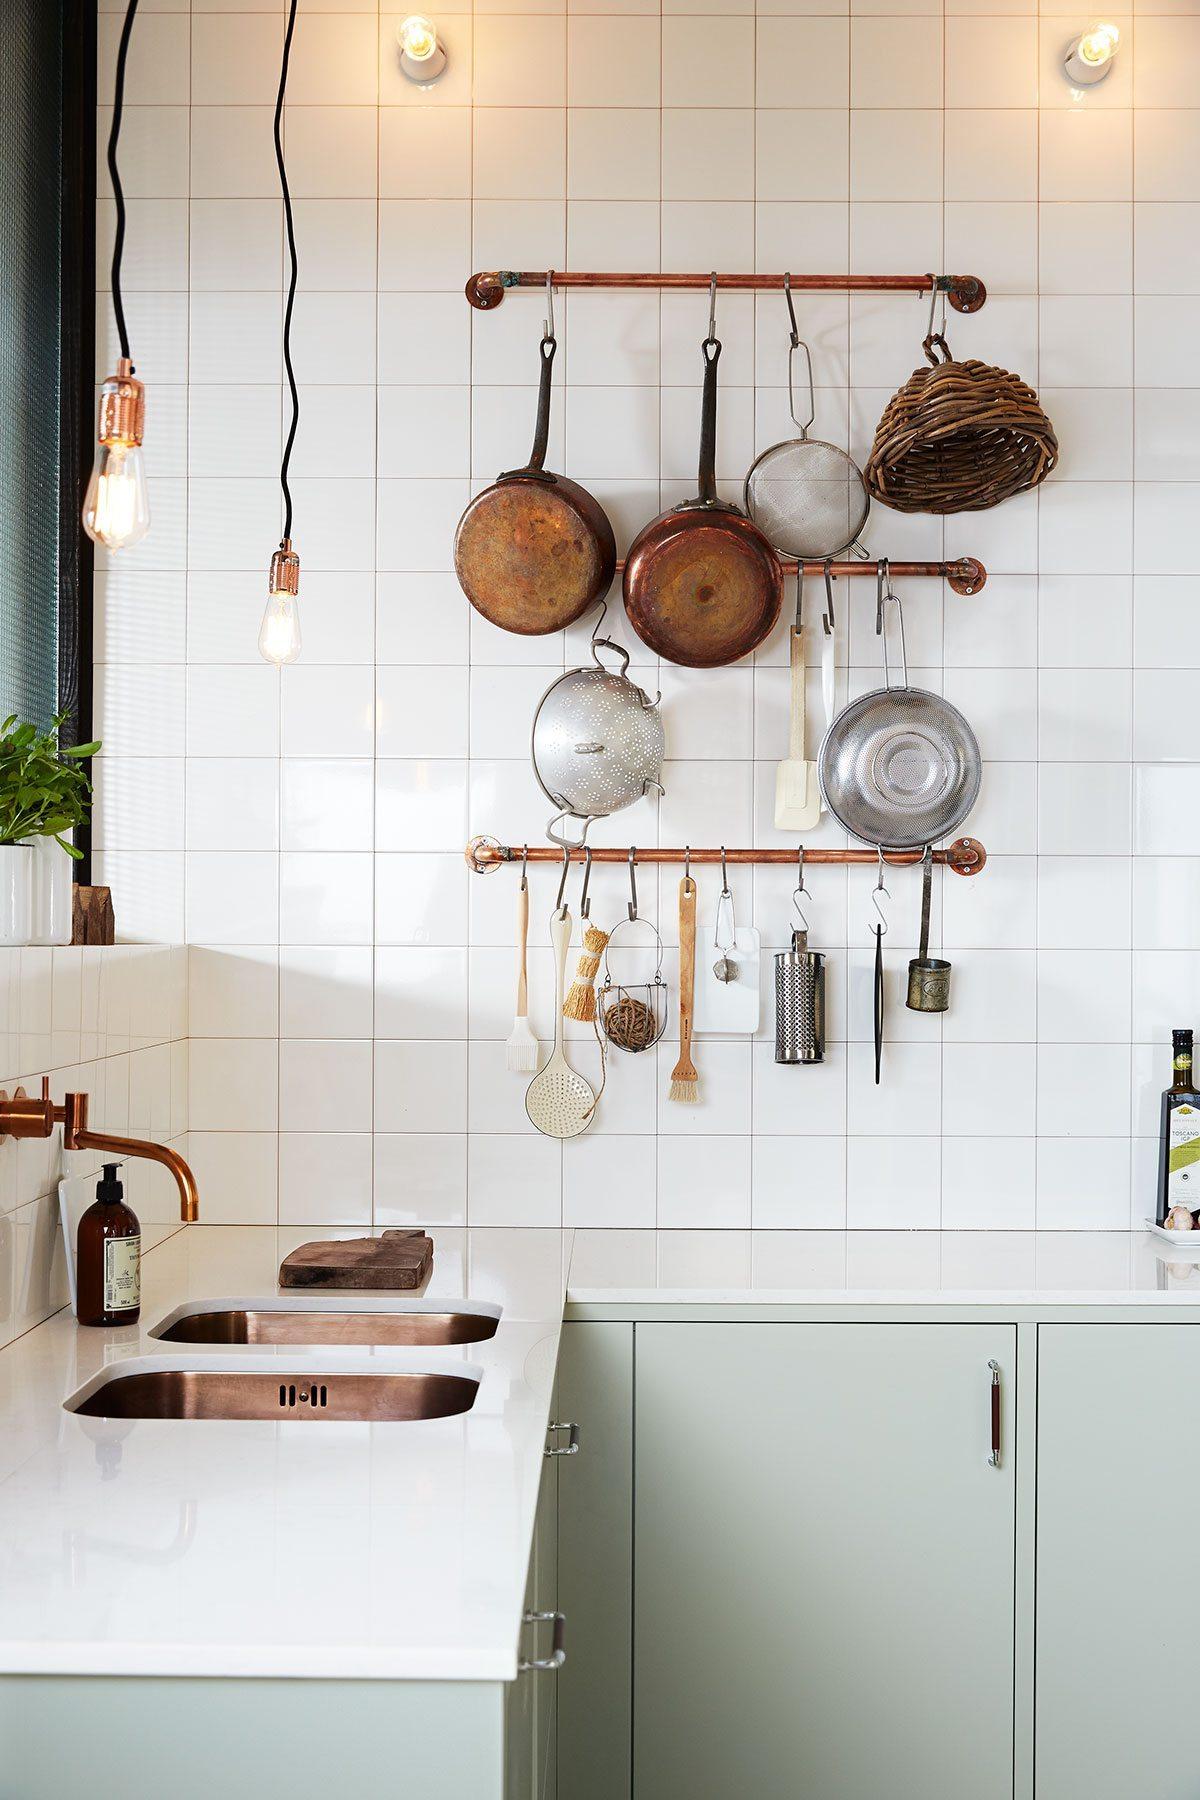 Öppen förvaring i kök, foto Ballingslöv – Husligheter